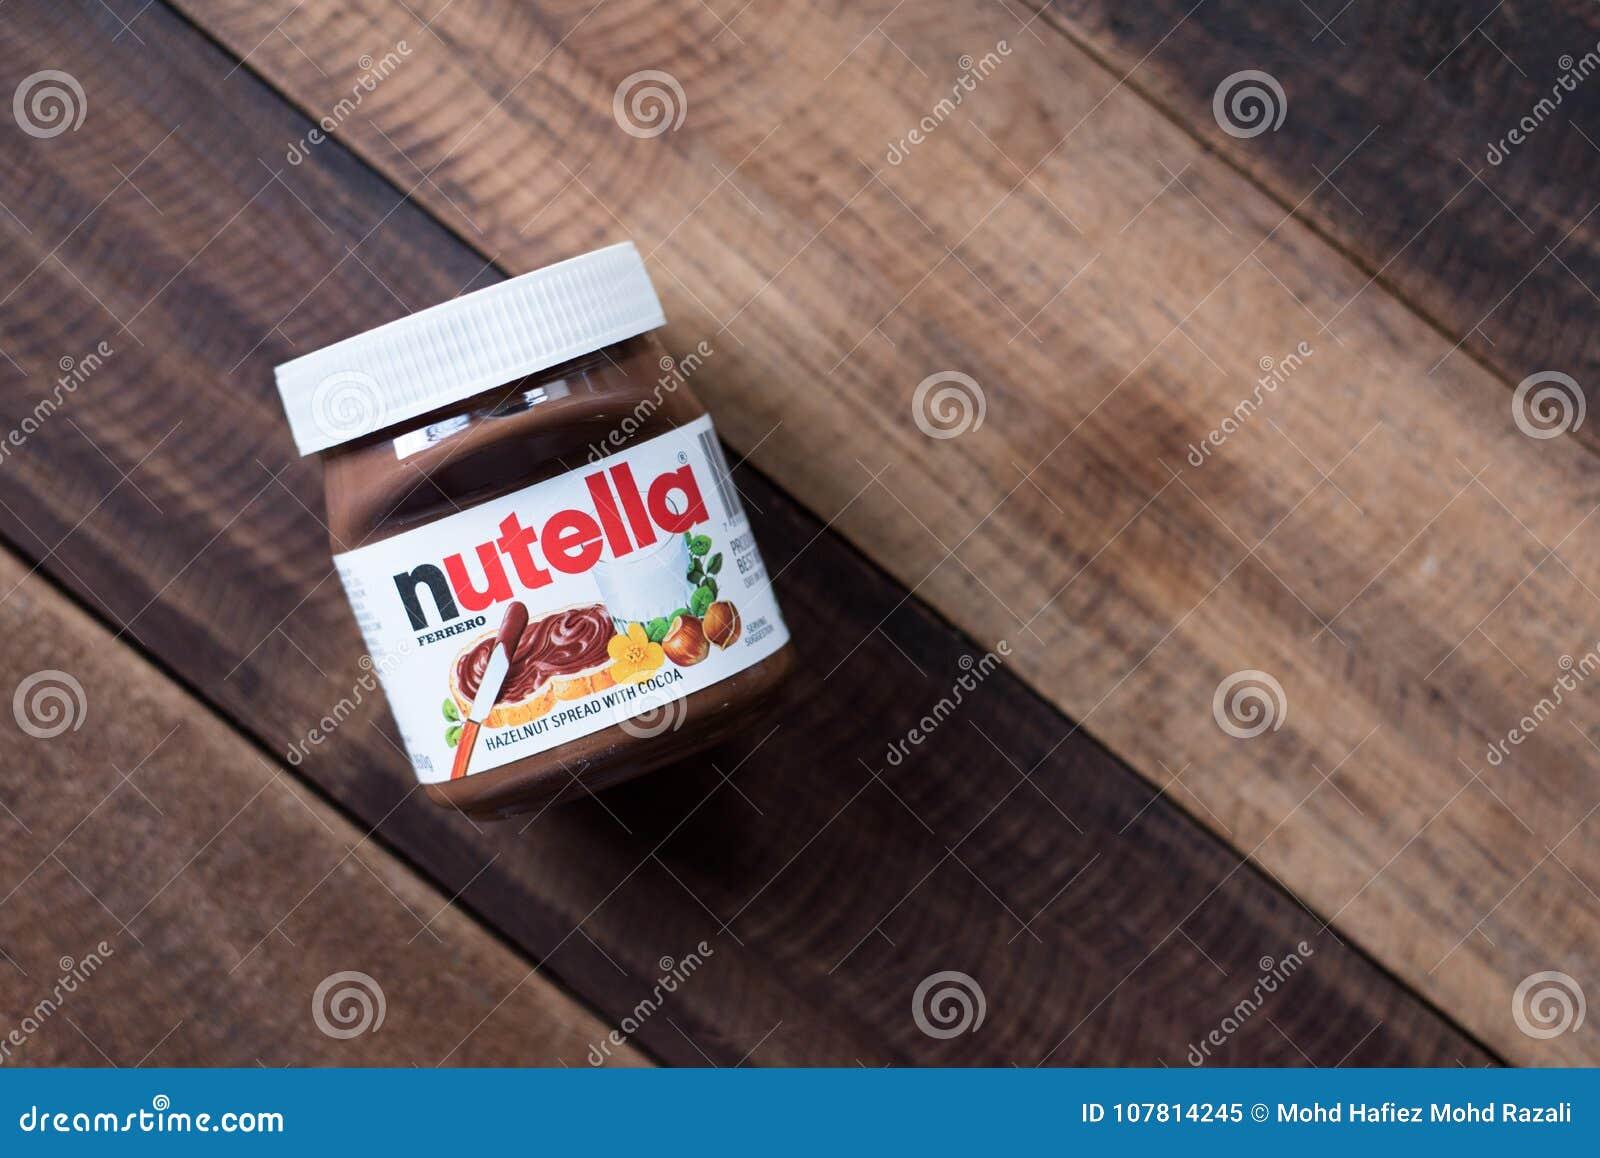 Chocolate de Nutella espalhado na tabela de madeira